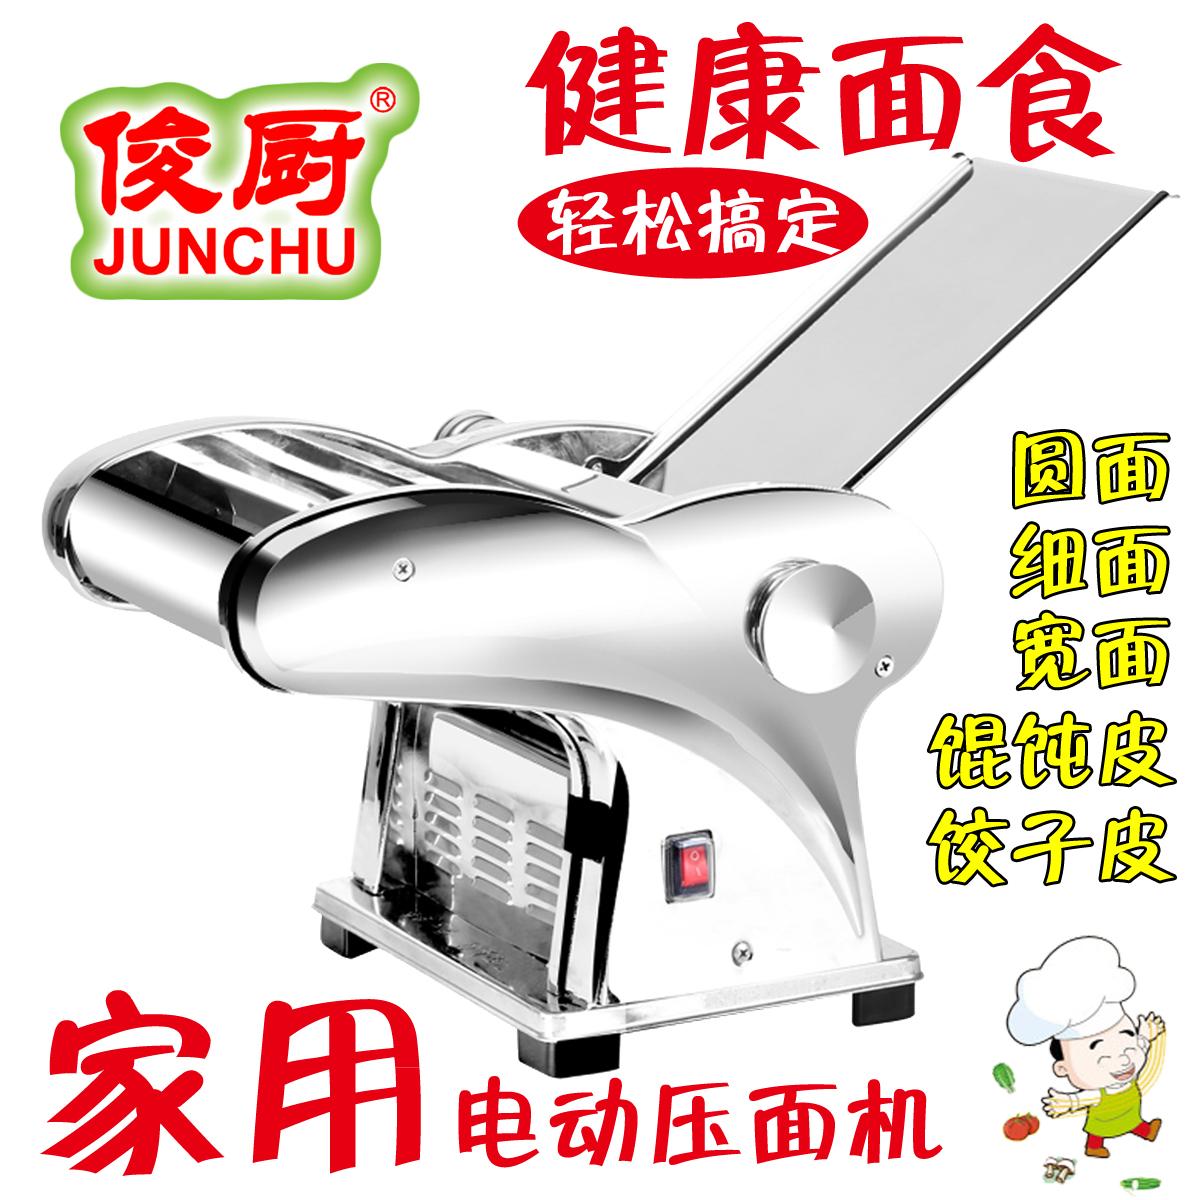 海鸥新款俊厨压面机多刀面条机自动不锈钢家用电动厂家直销